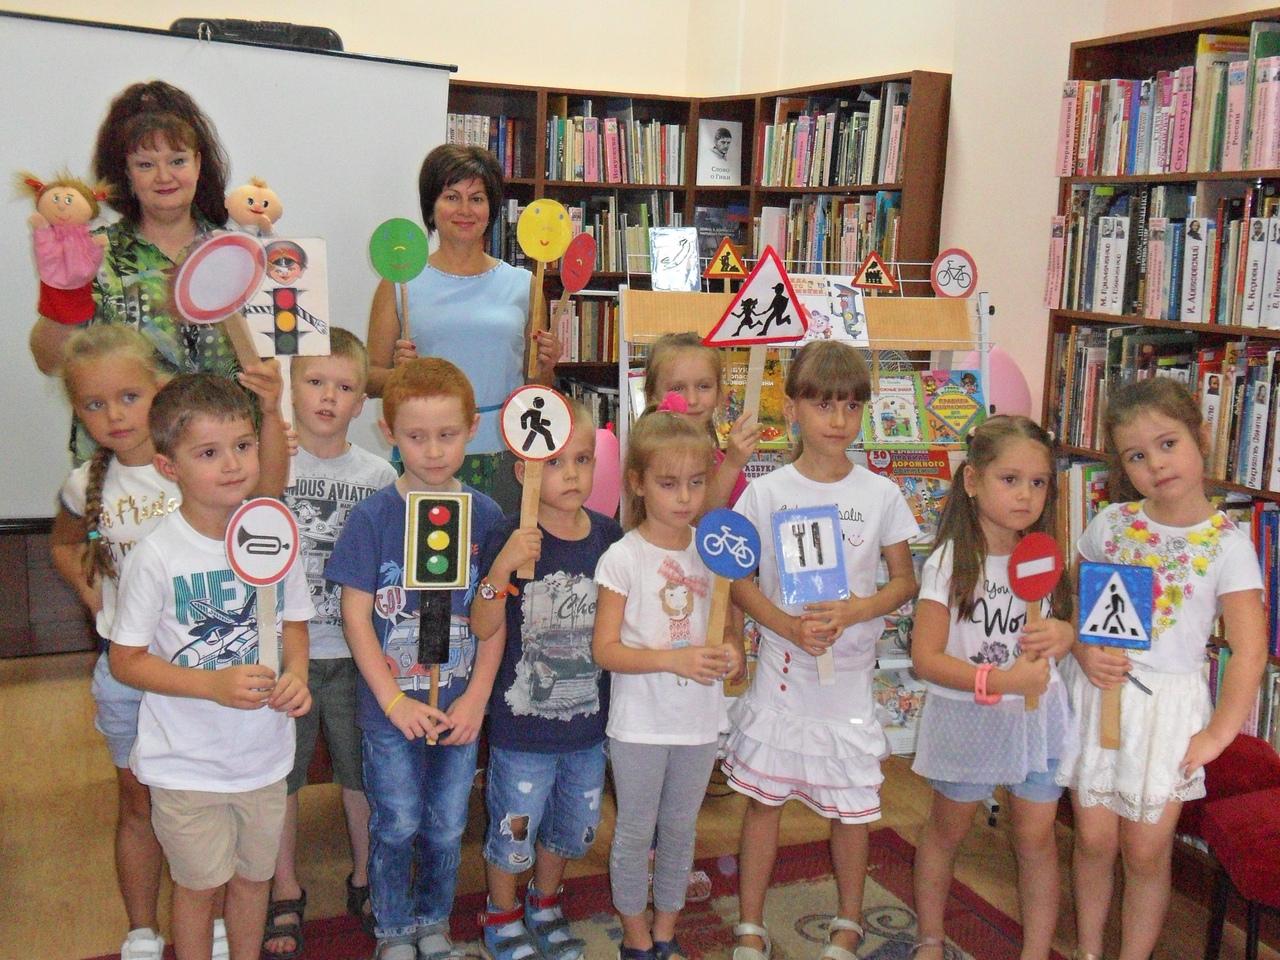 Донецкая республиканская библиотека для детей, занятия с детьми, в библиотеке интересно, отдел искусств